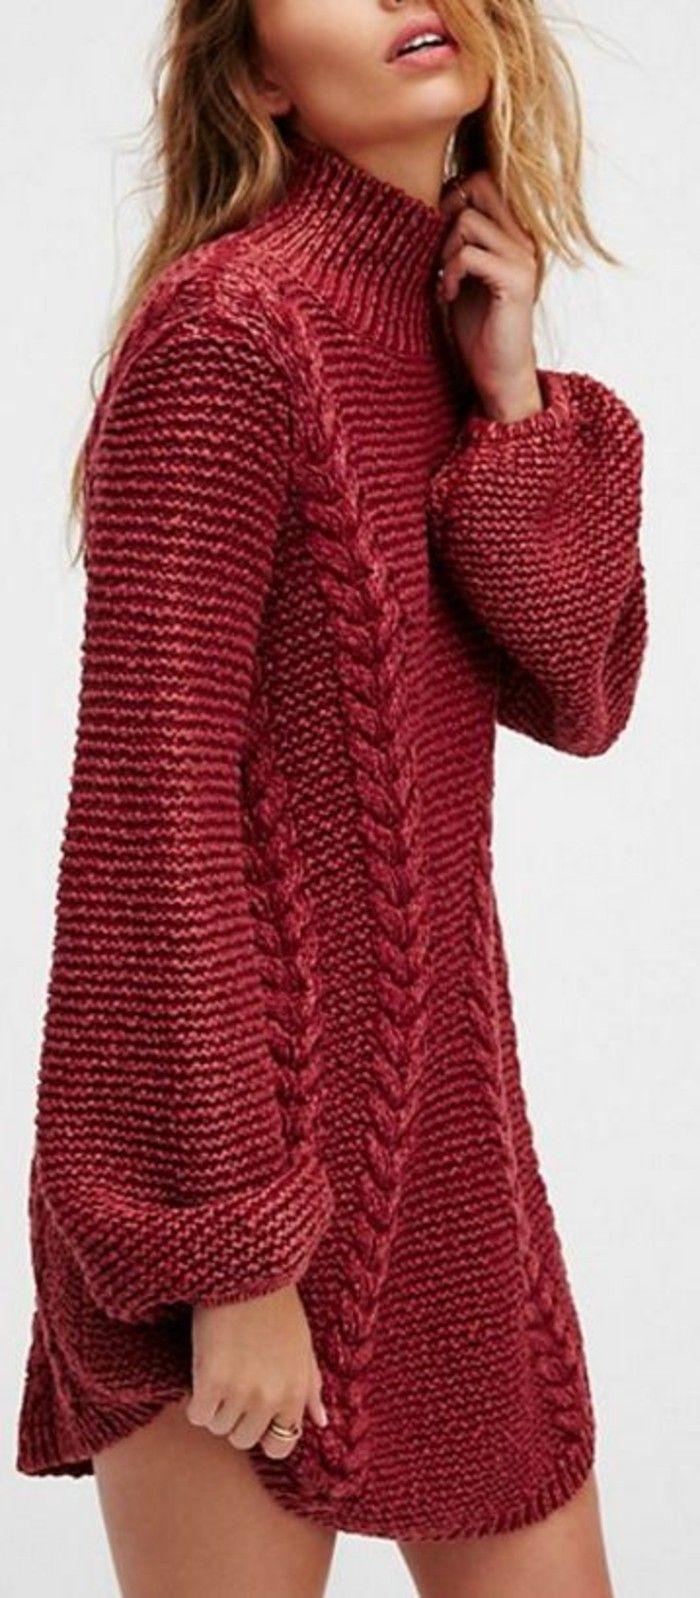 616b9625fe5e ▷ 1001+ Idées pour porter votre robe en laine + les looks hot ...